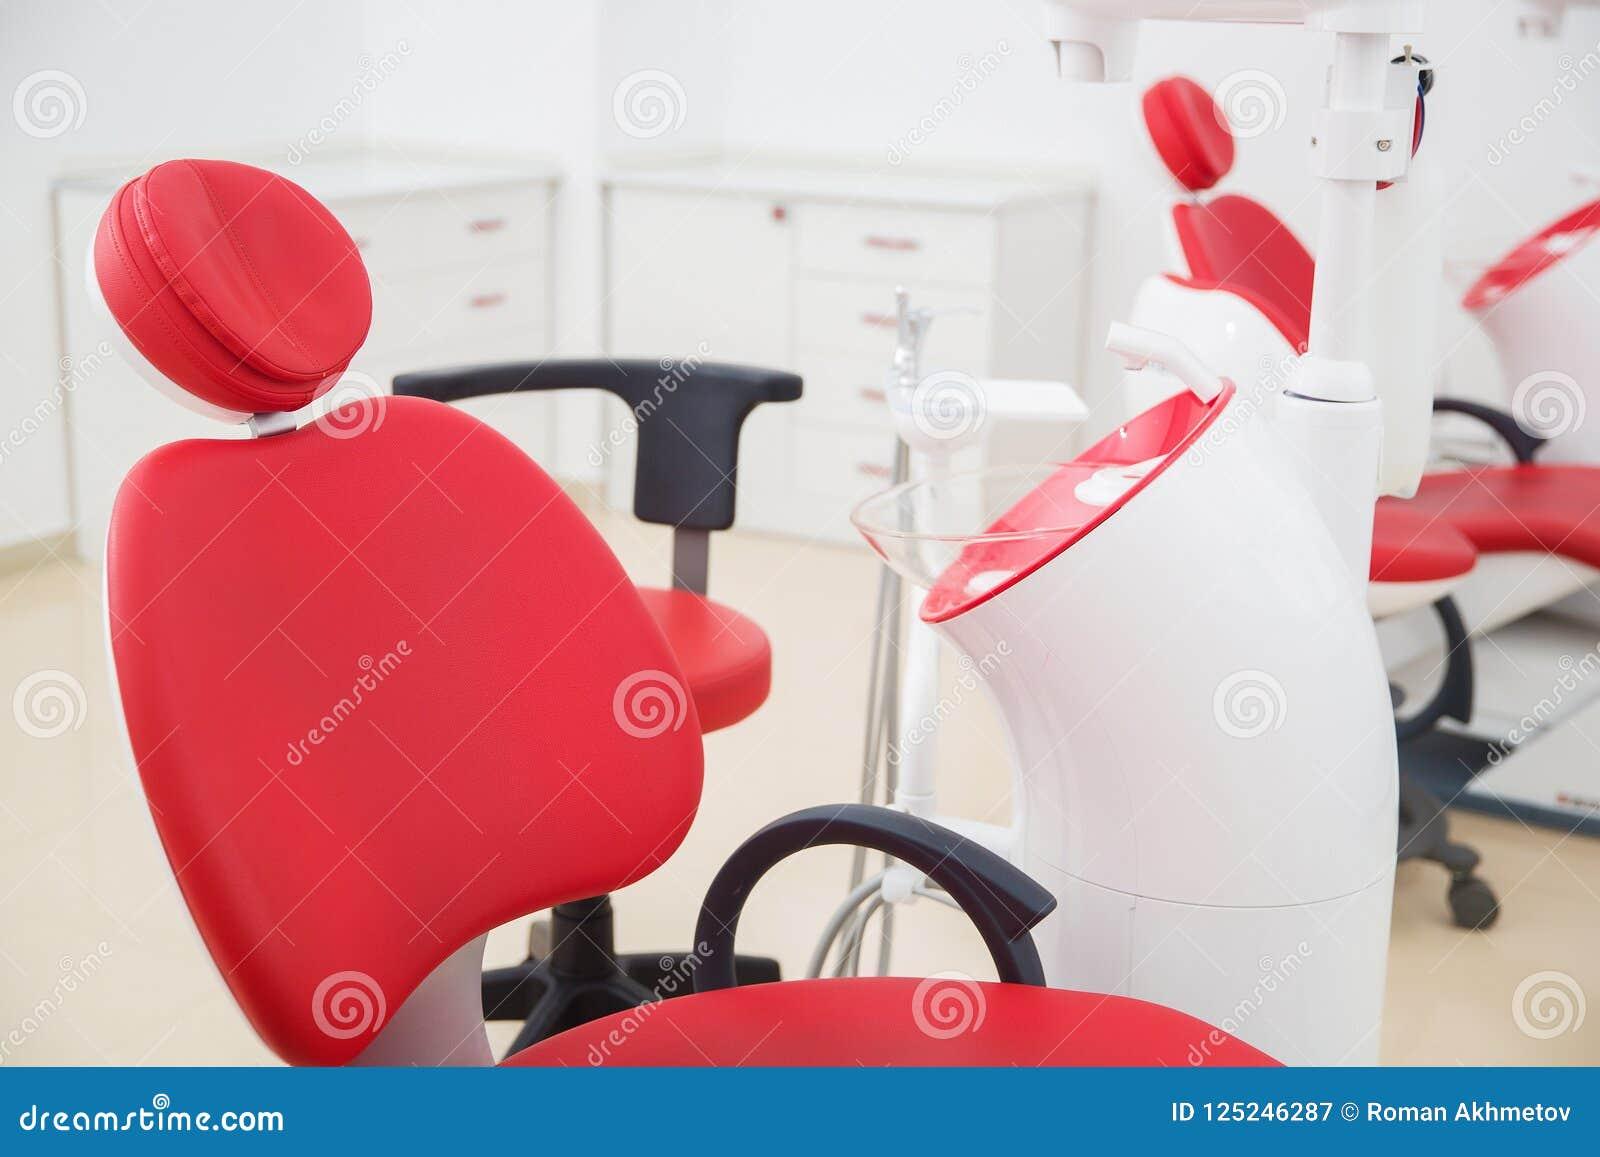 Ιατρική, στοματολογία, οδοντικό γραφείο κλινικών, ιατρικός εξοπλισμός για την οδοντιατρική